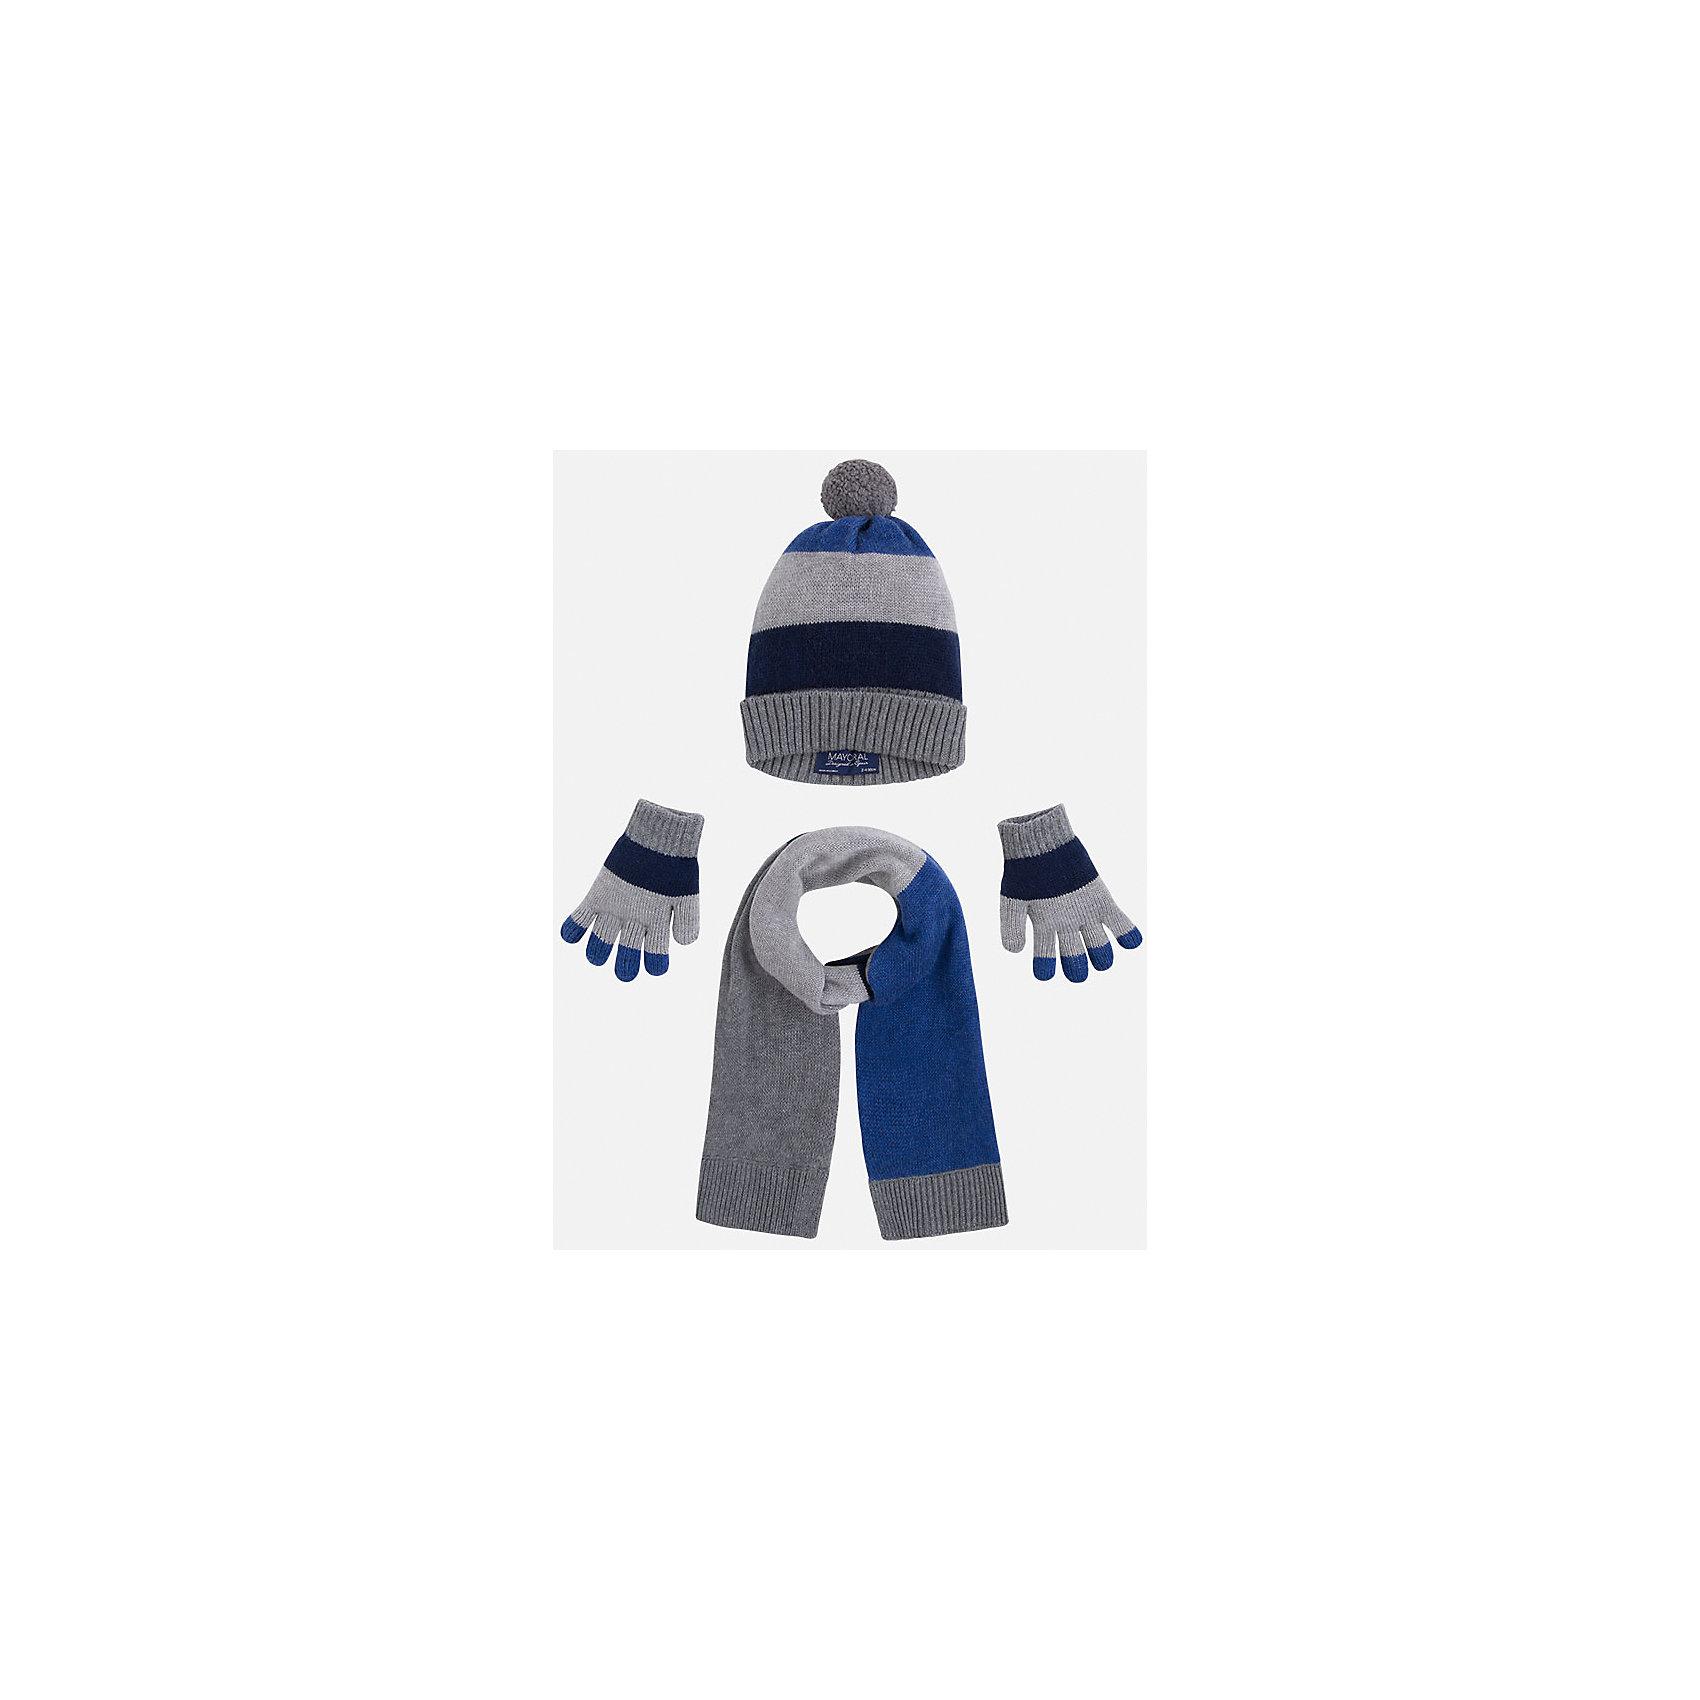 Комплект: шапка, шарф и перчатки для мальчика MayoralКомплект из шапки, шарфа и перчаток от известного испанского бренда Mayoral(Майорал). Изделия сделаны из качественных материалов и отлично сохраняют тепло. Приятный дизайн и помпон на шапке непременно придутся по вкусу юному моднику!<br><br>Дополнительная информация:<br>Состав: 45% акрил, 30% вискоза, 15% полиамид, 10% шерсть<br>Цвет: серый/синий/темно-синий<br>Комплект из шапки, шарфа и перчаток Mayoral(Майорал) вы можете приобрести в нашем интернет-магазине.<br><br>Ширина мм: 89<br>Глубина мм: 117<br>Высота мм: 44<br>Вес г: 155<br>Цвет: синий<br>Возраст от месяцев: 48<br>Возраст до месяцев: 60<br>Пол: Мужской<br>Возраст: Детский<br>Размер: 52,50,54<br>SKU: 4820205